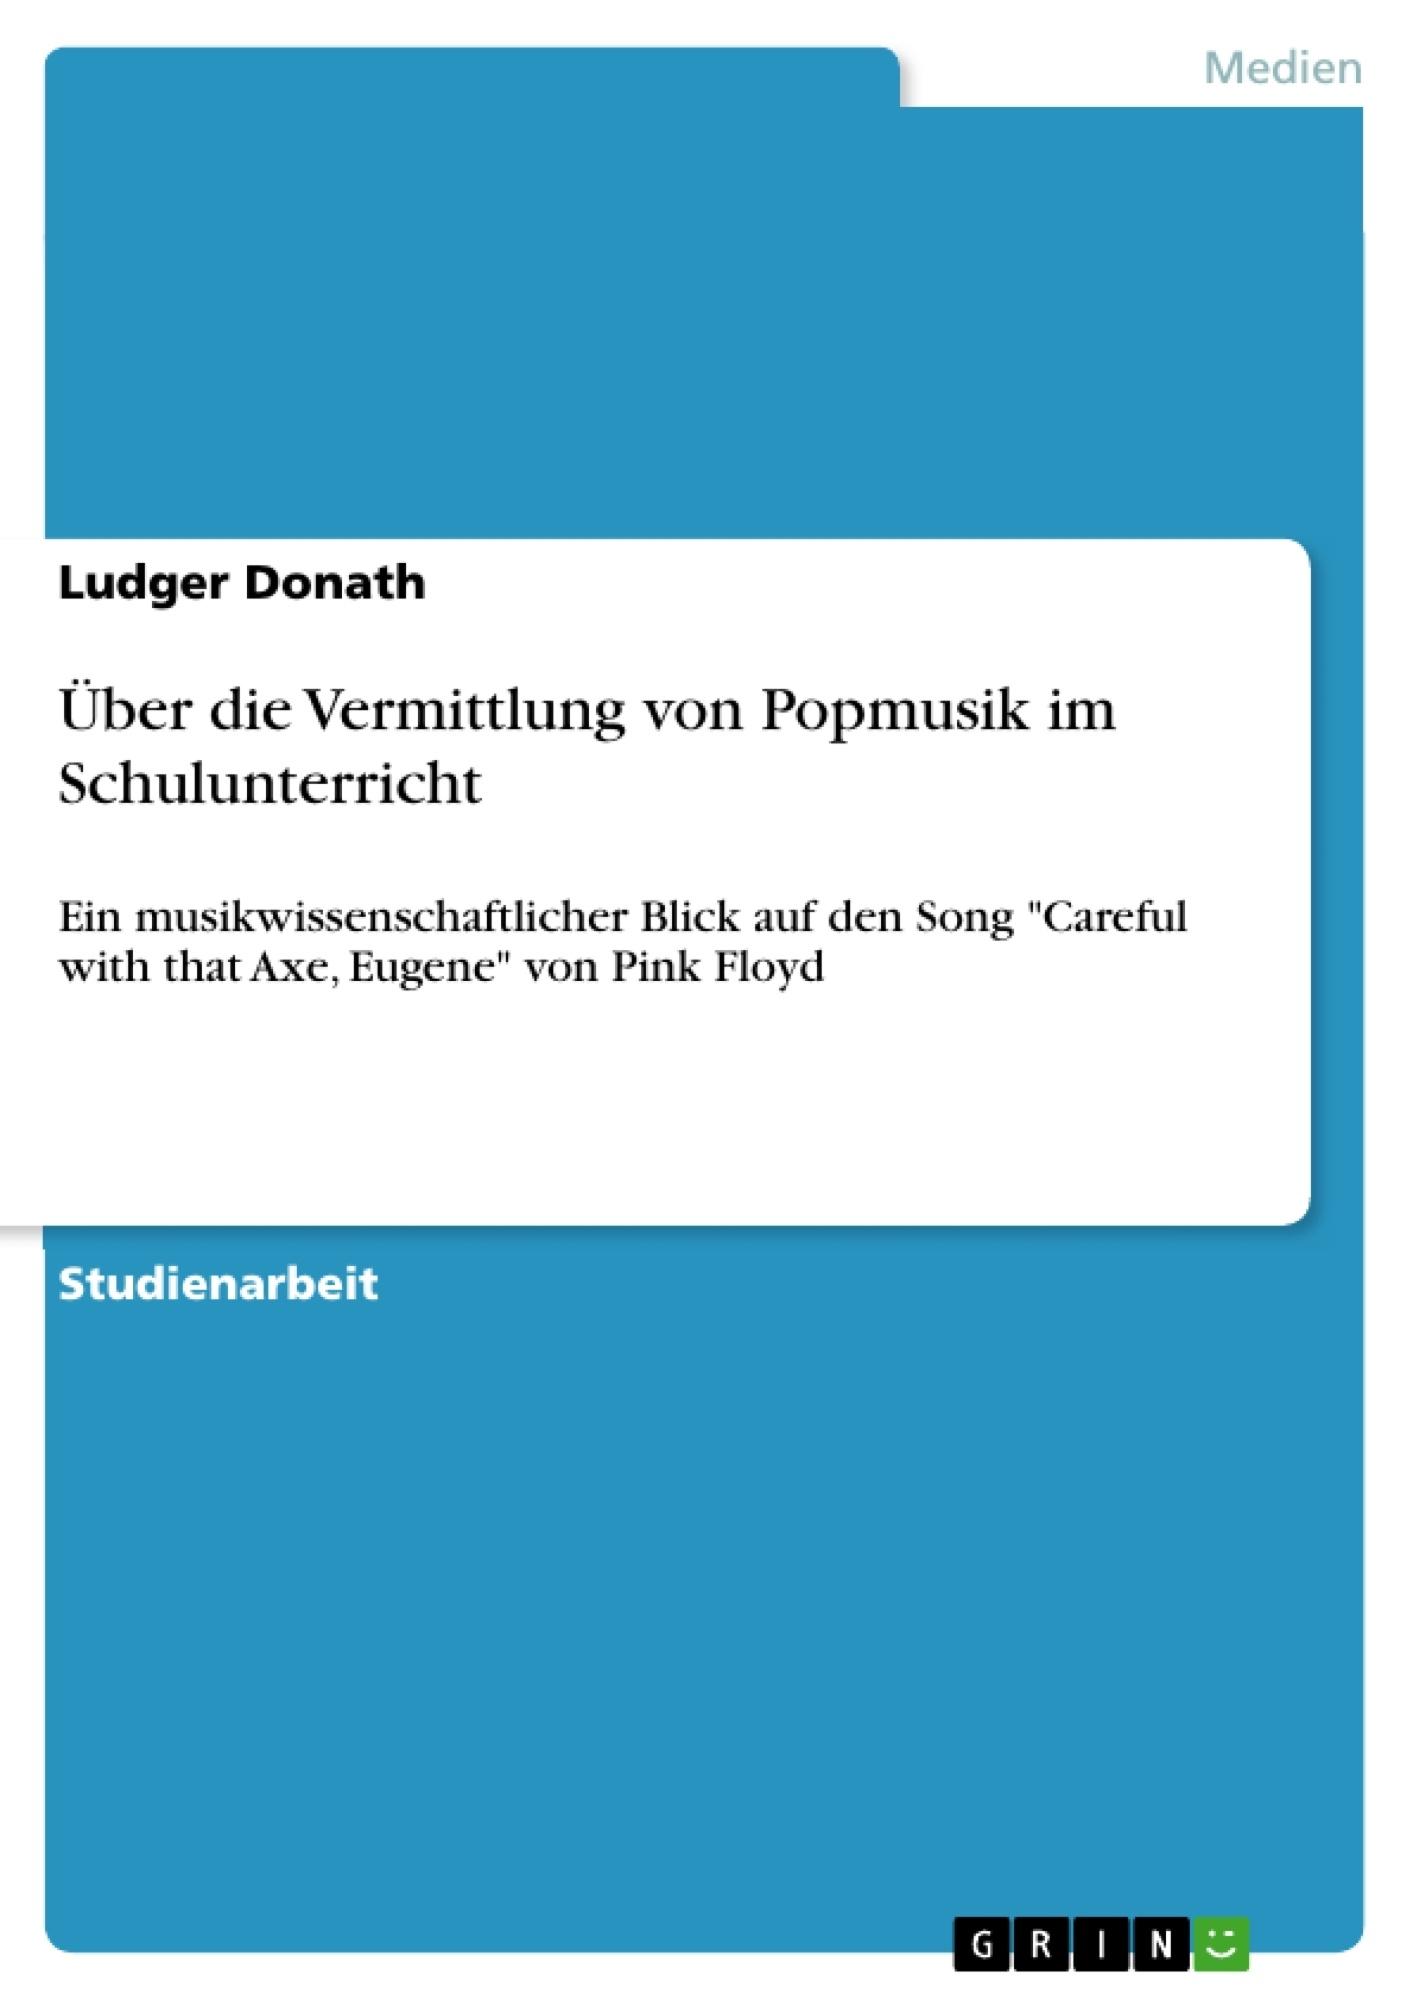 Titel: Über die Vermittlung von Popmusik im Schulunterricht